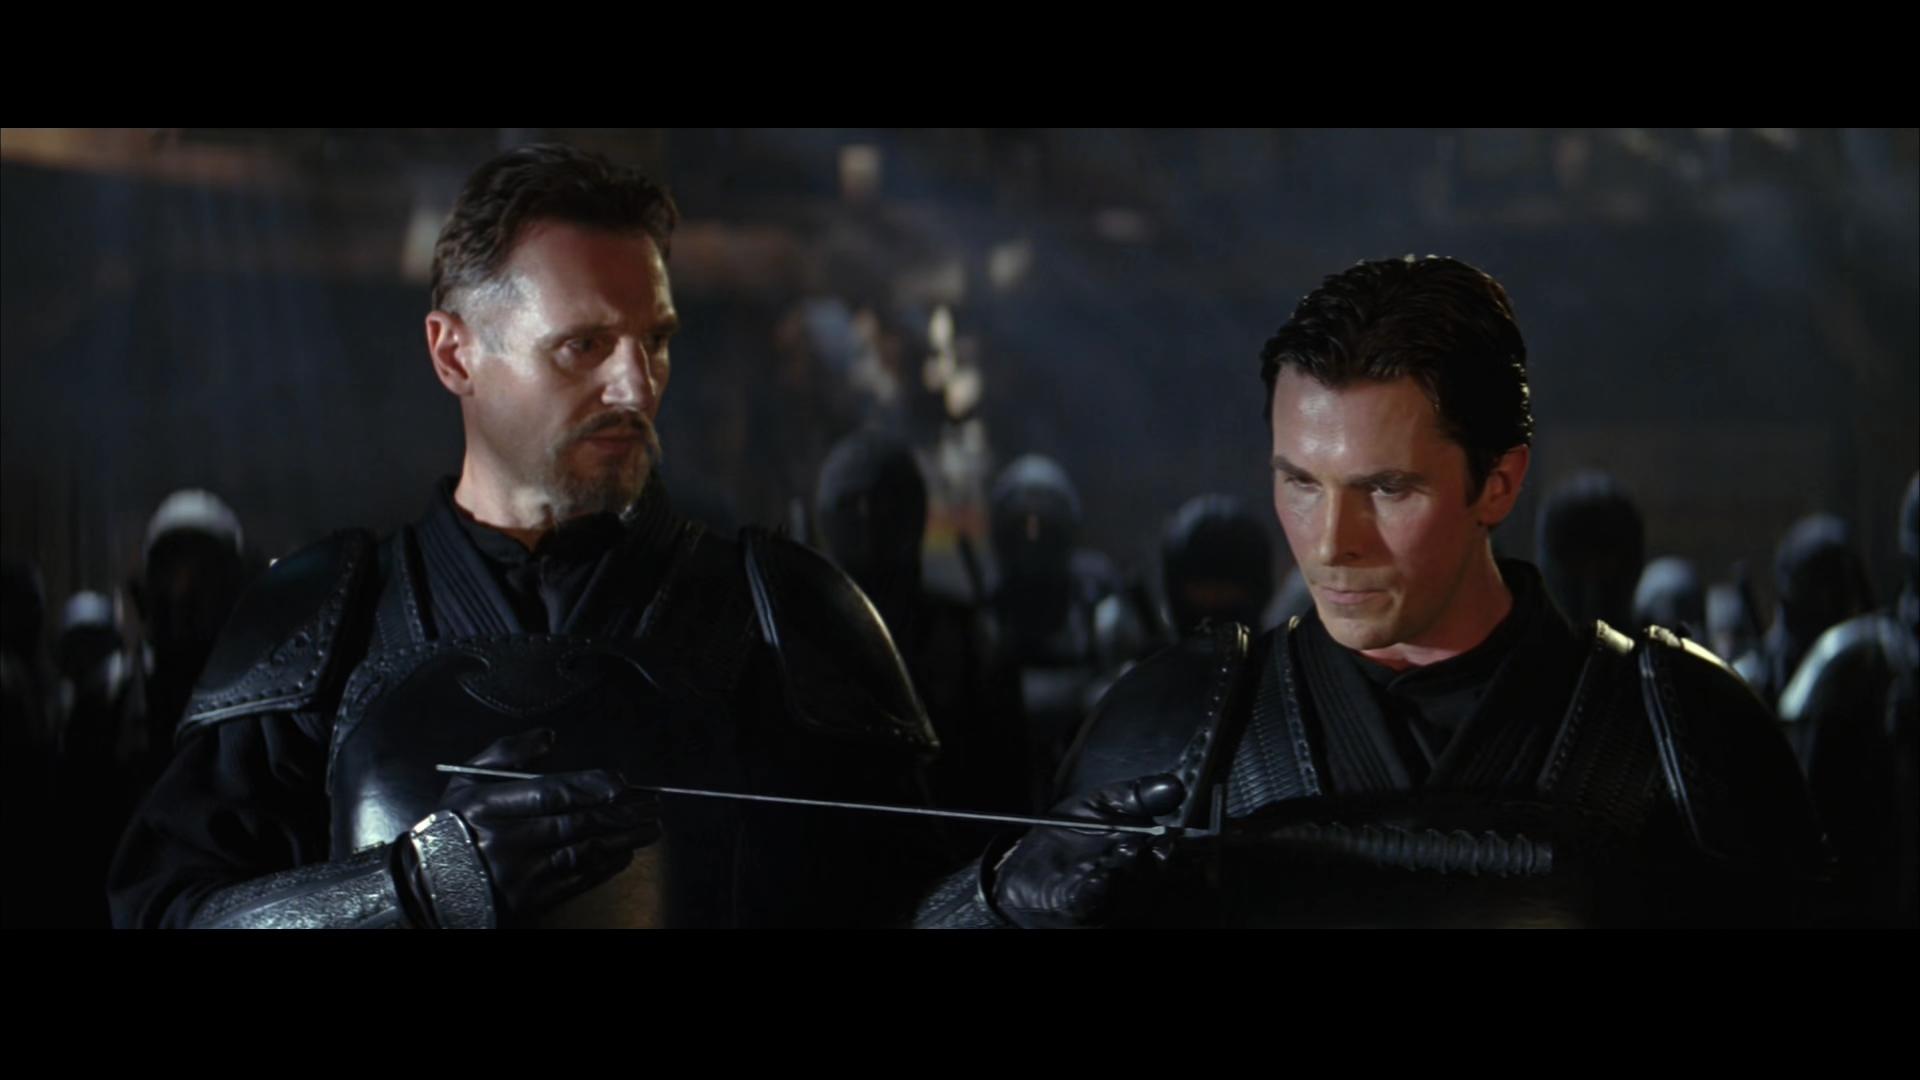 Captura de Batman Inicia (2005) 1080p x265 HEVC Latino – Inglés